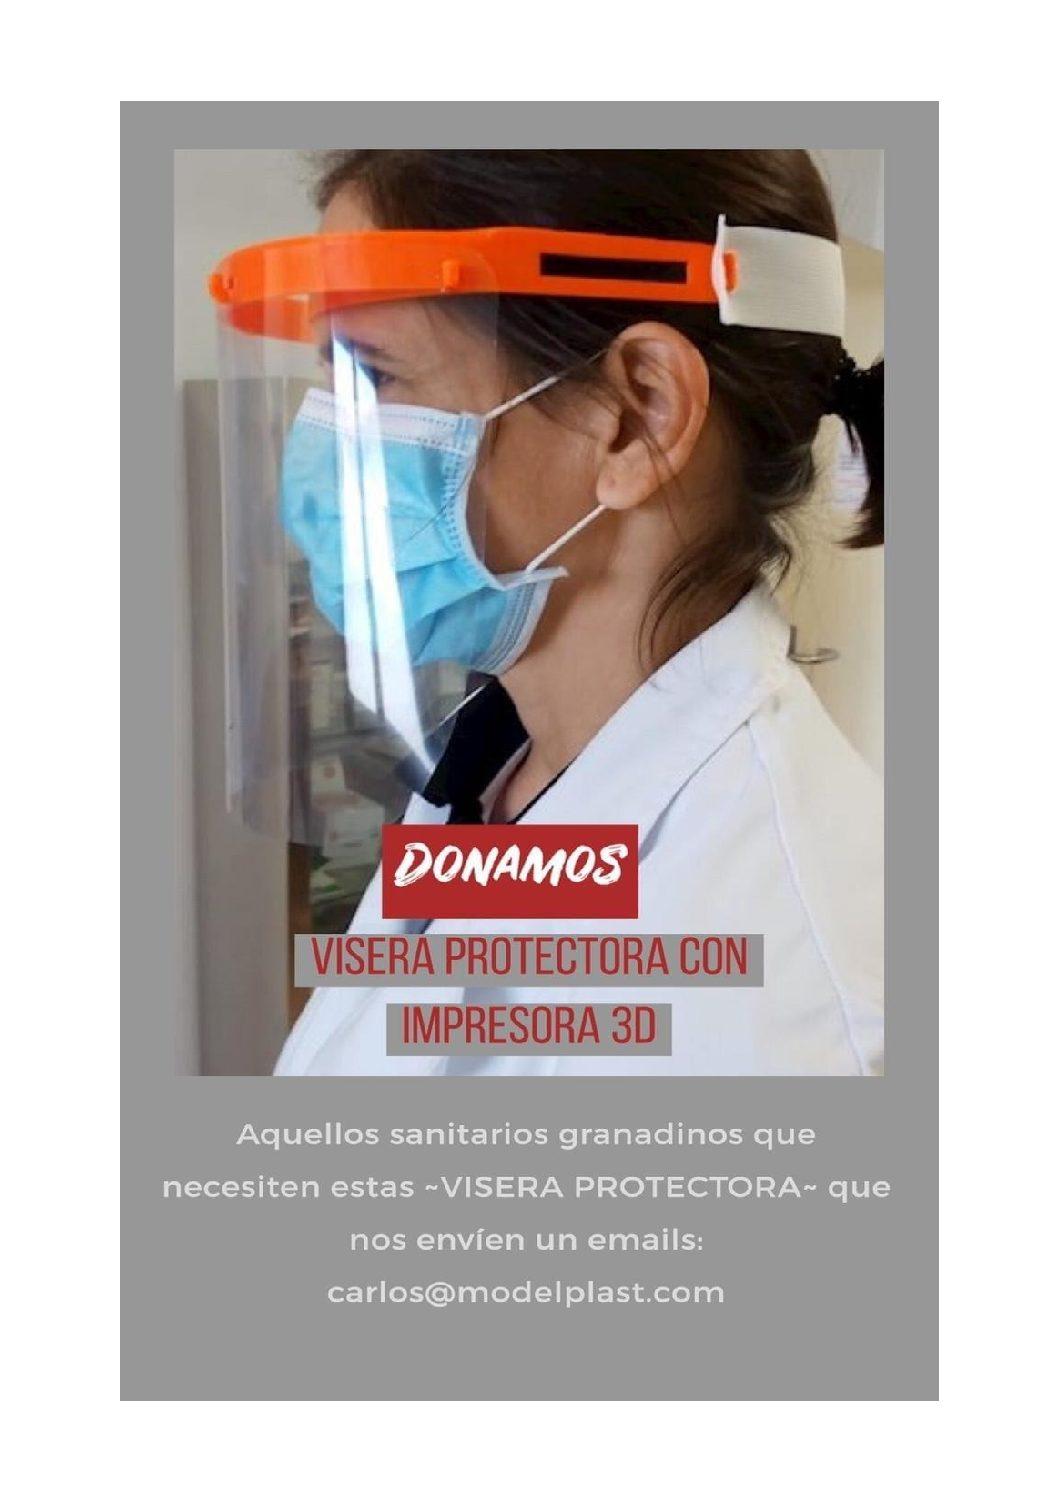 La Hermandad de los Favores dona 700 máscaras faciales a sanitarios del PTS